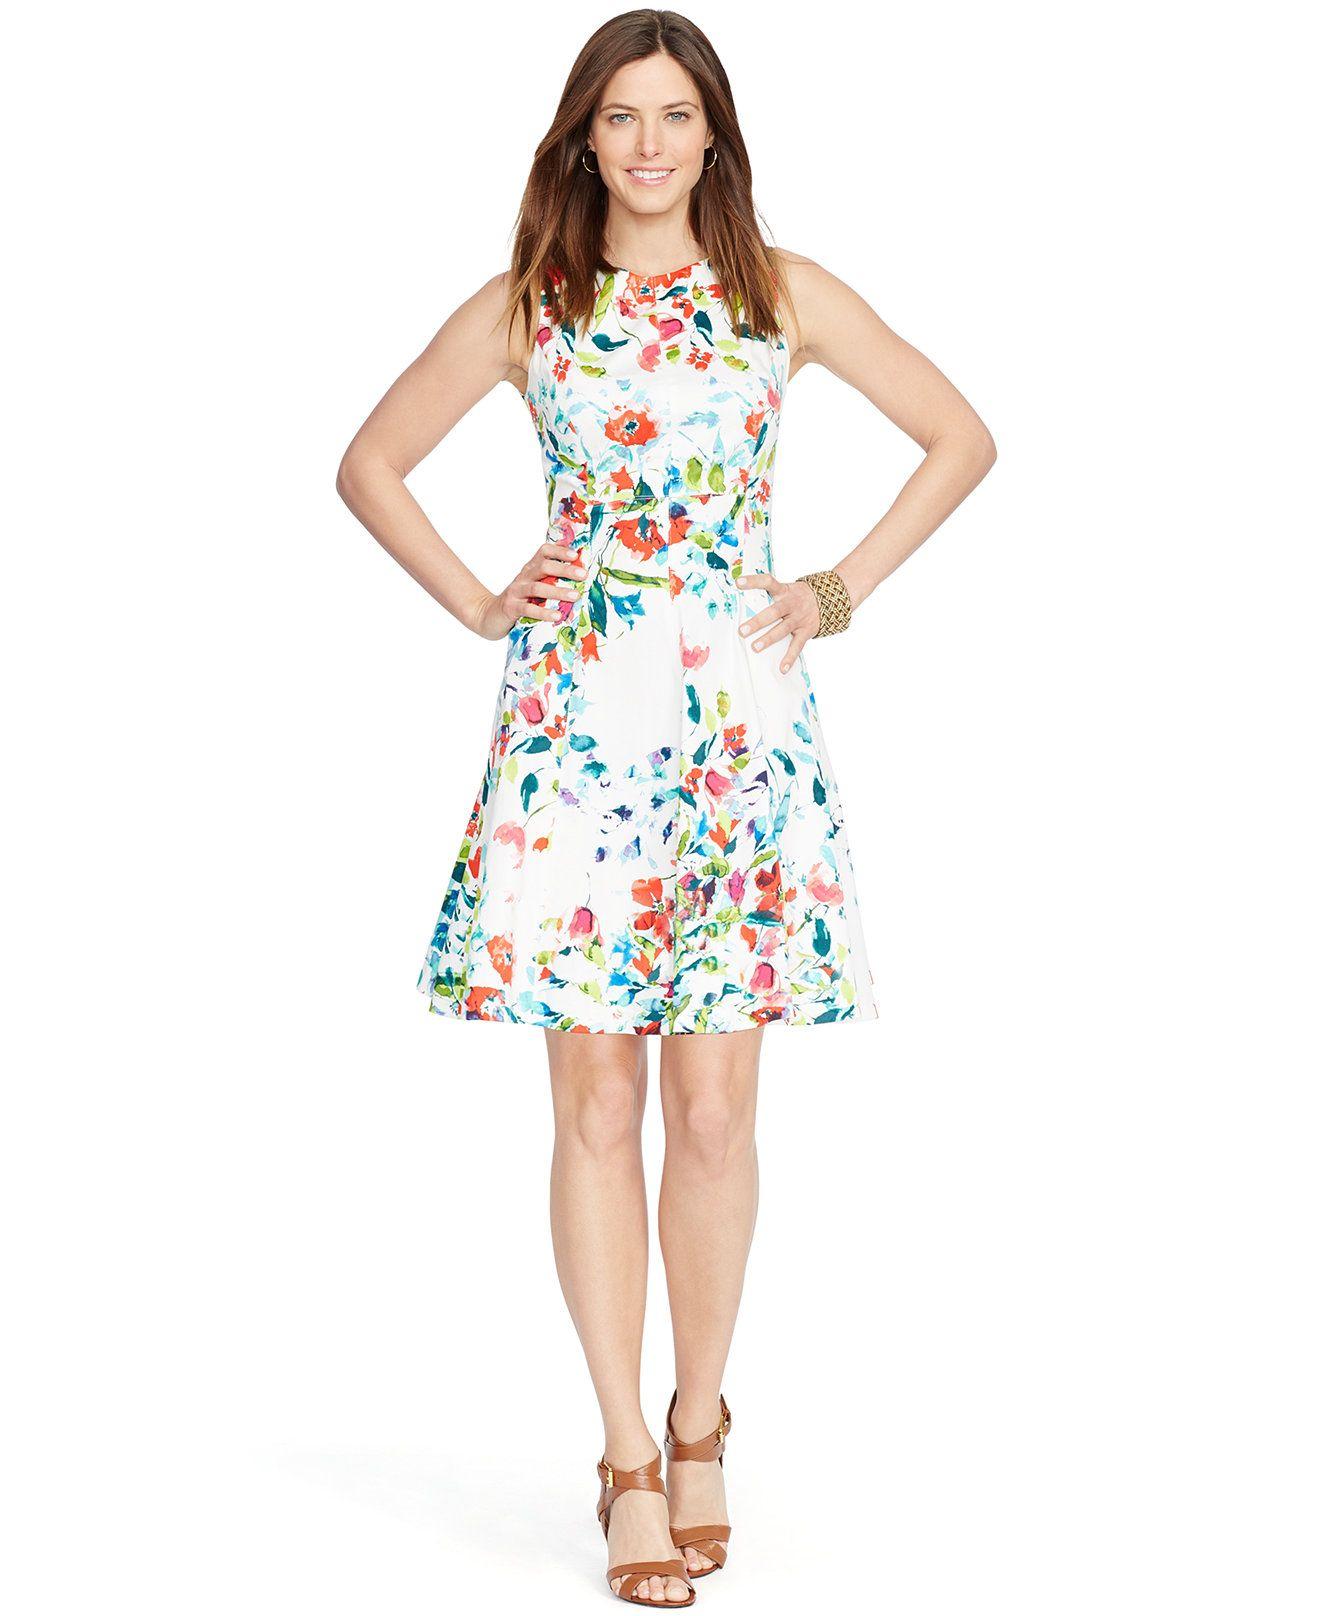 What to wear over a sleeveless dress to a wedding  American Living Sleeveless FloralPrint Dress  Dresses  Women